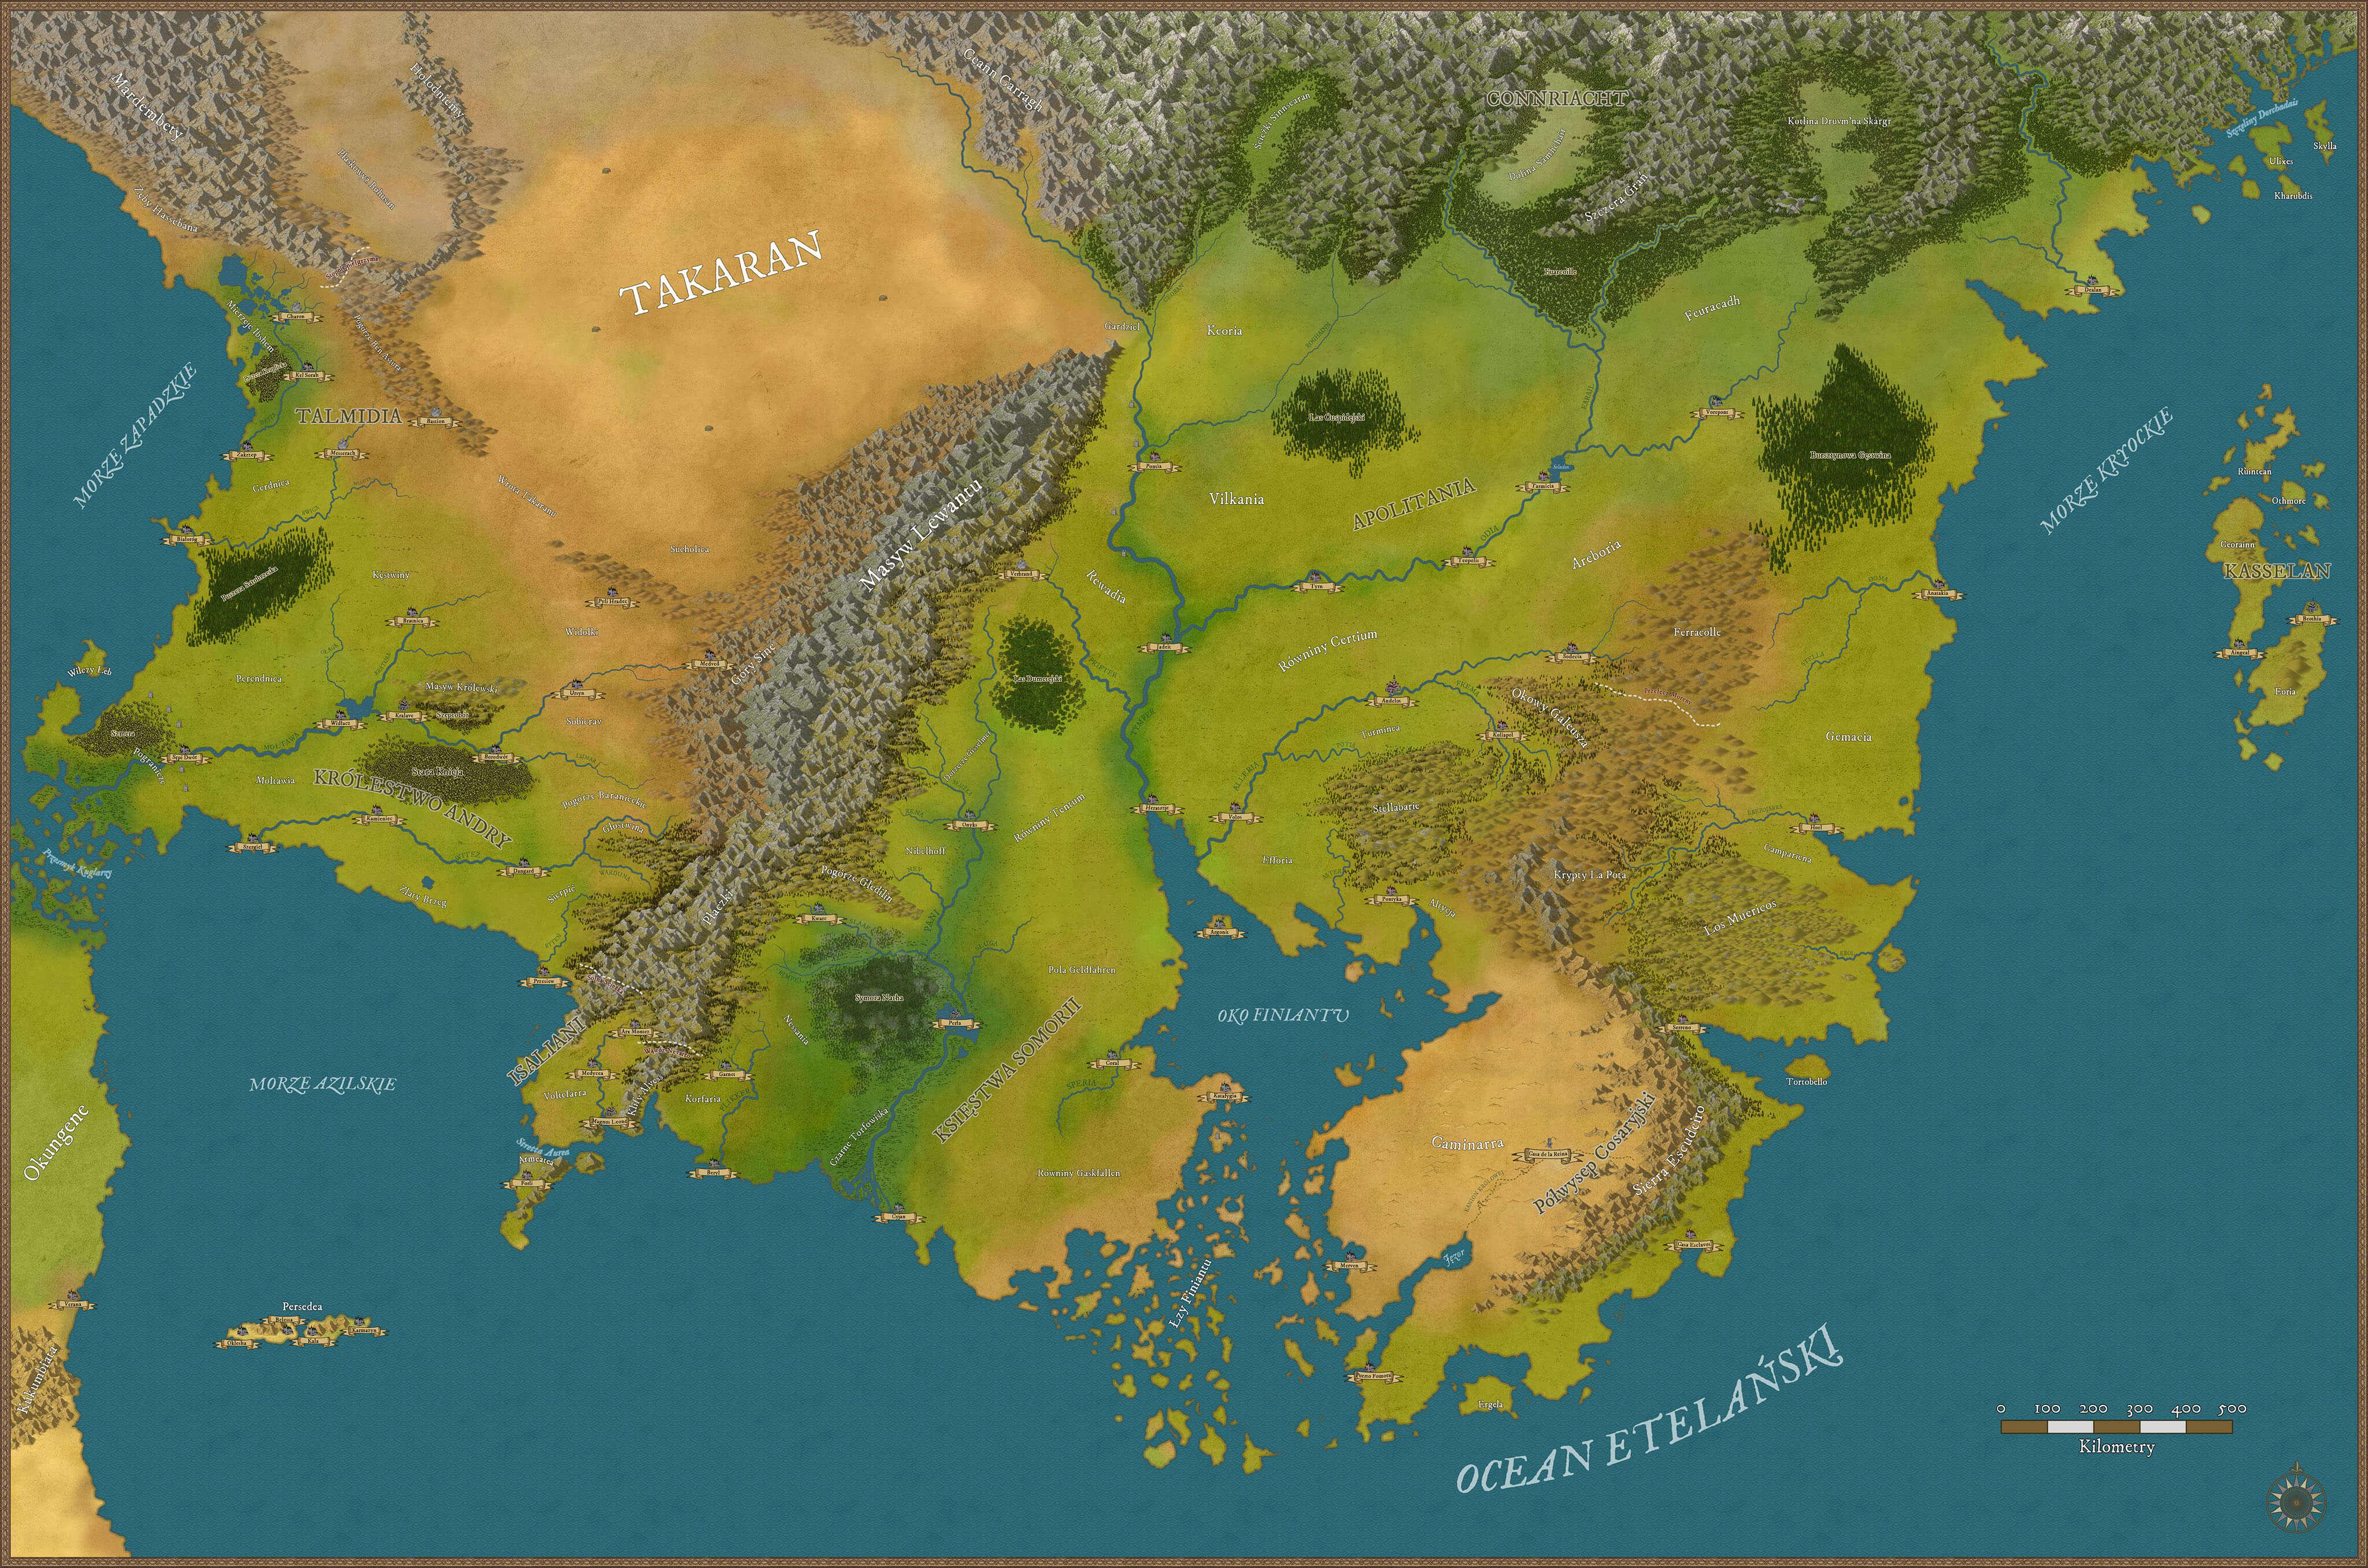 Mapa kontynentów Finewyr oraz Aretai, a także fragmentu archipelagów Kasselan i Wenguo